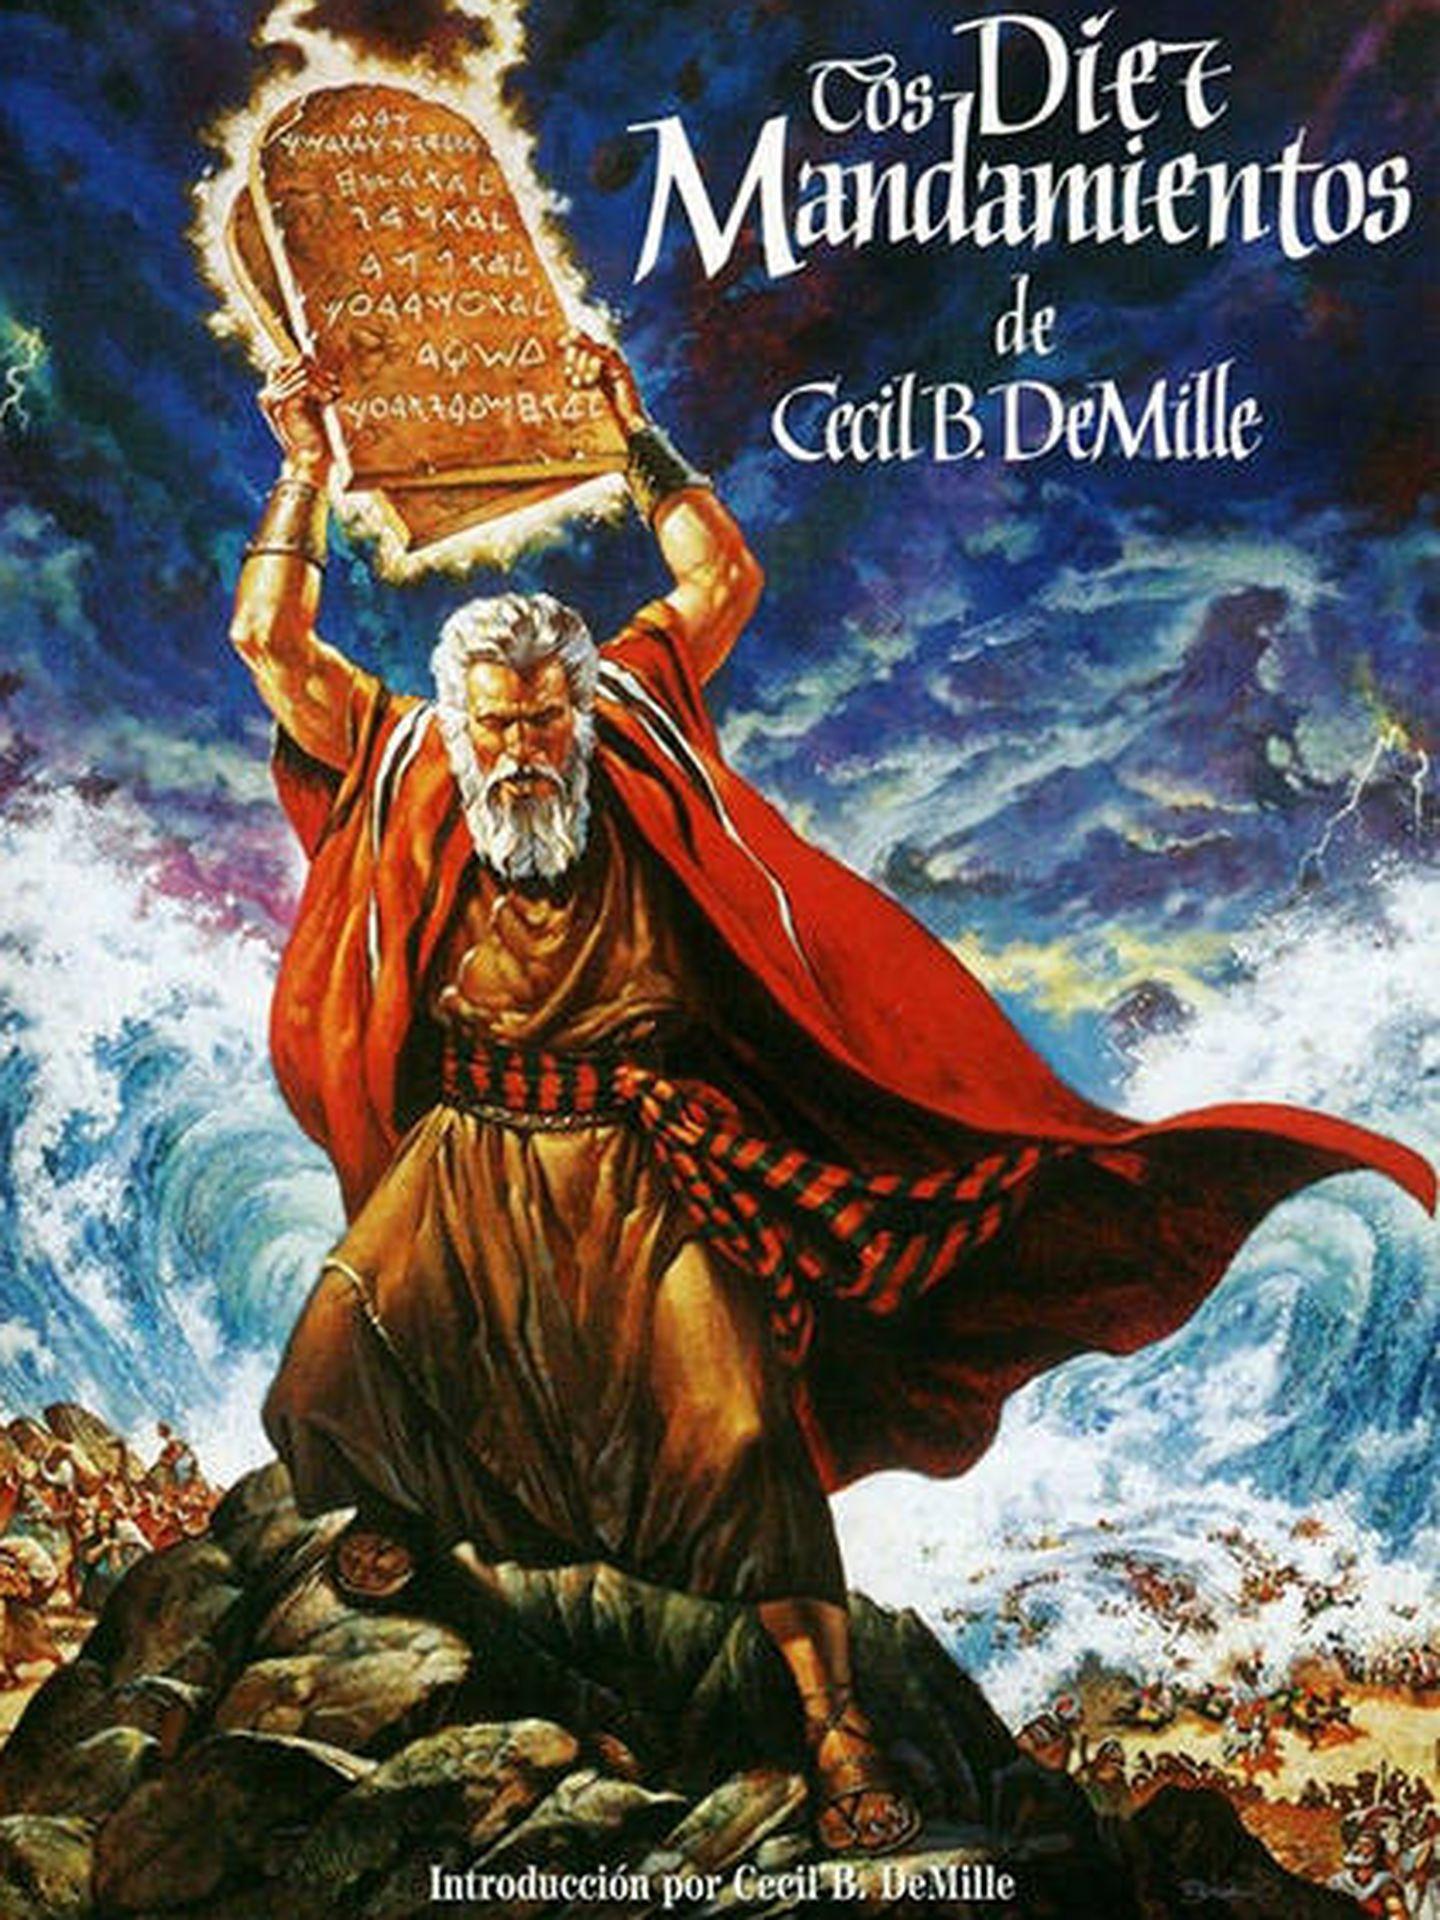 Cartel publicitario de 'Los diez mandamientos'.